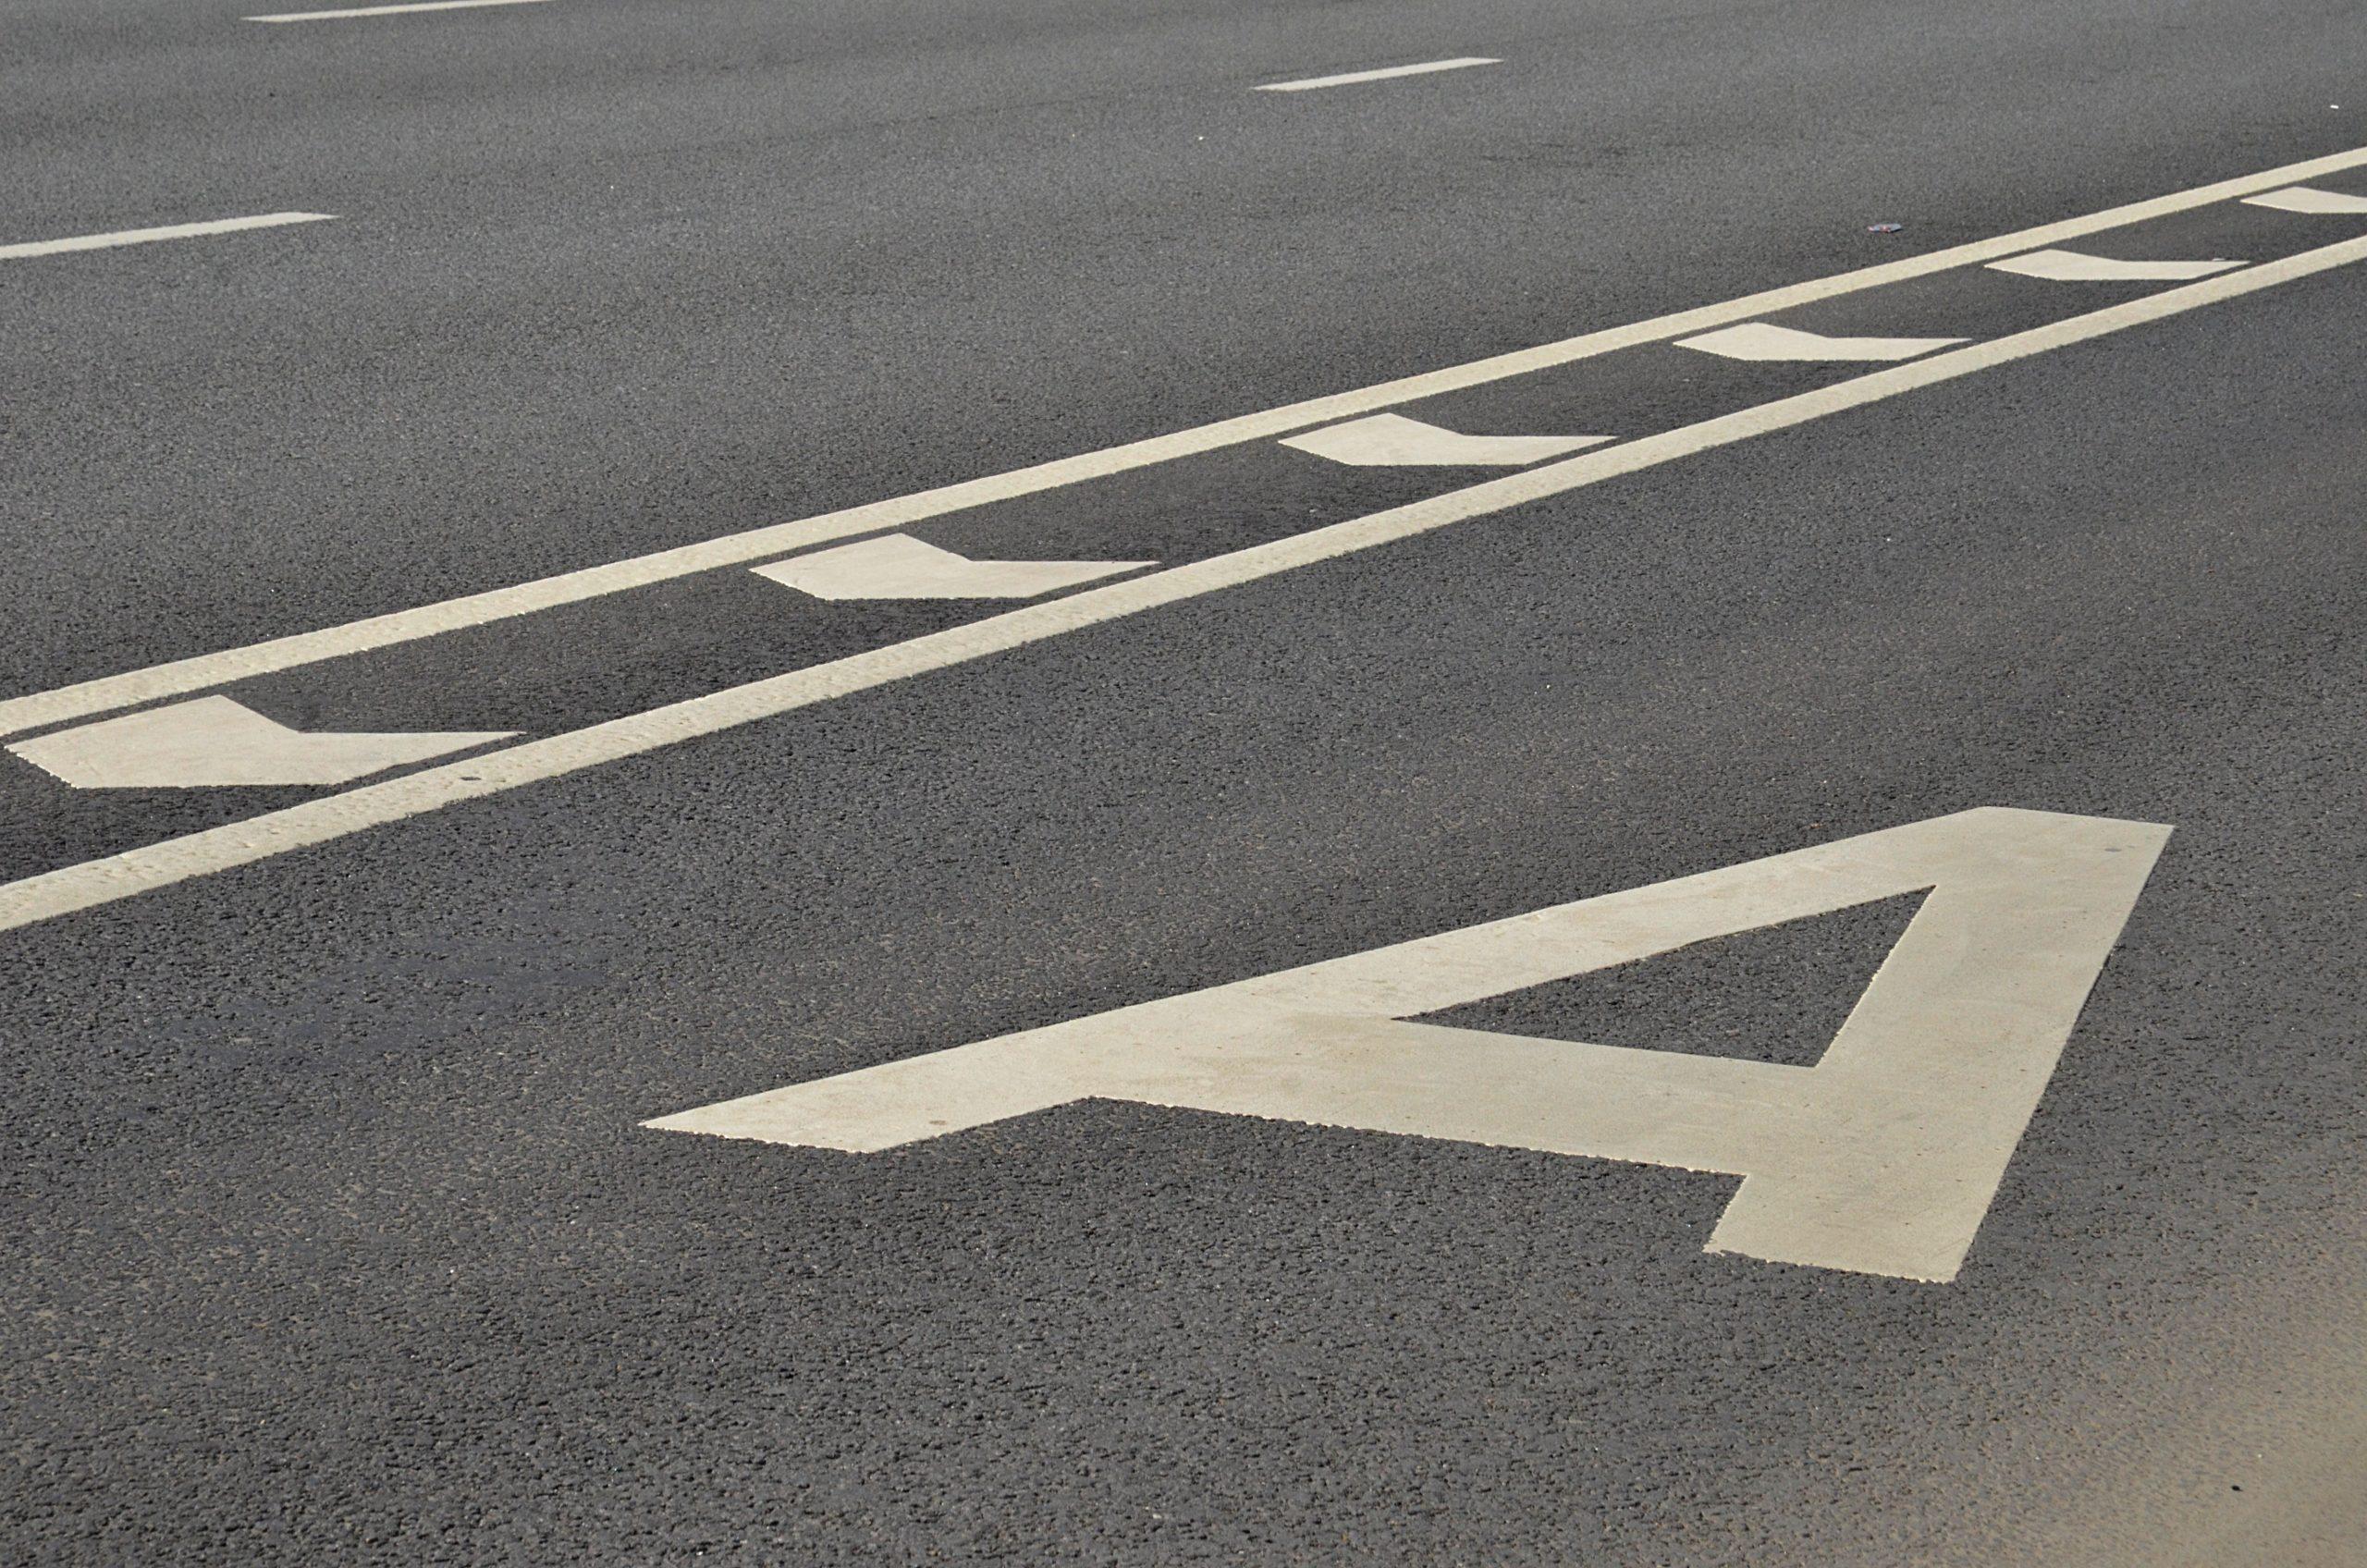 Работы по расширению части дороги завершены в поселении Михайлово-Ярцевское